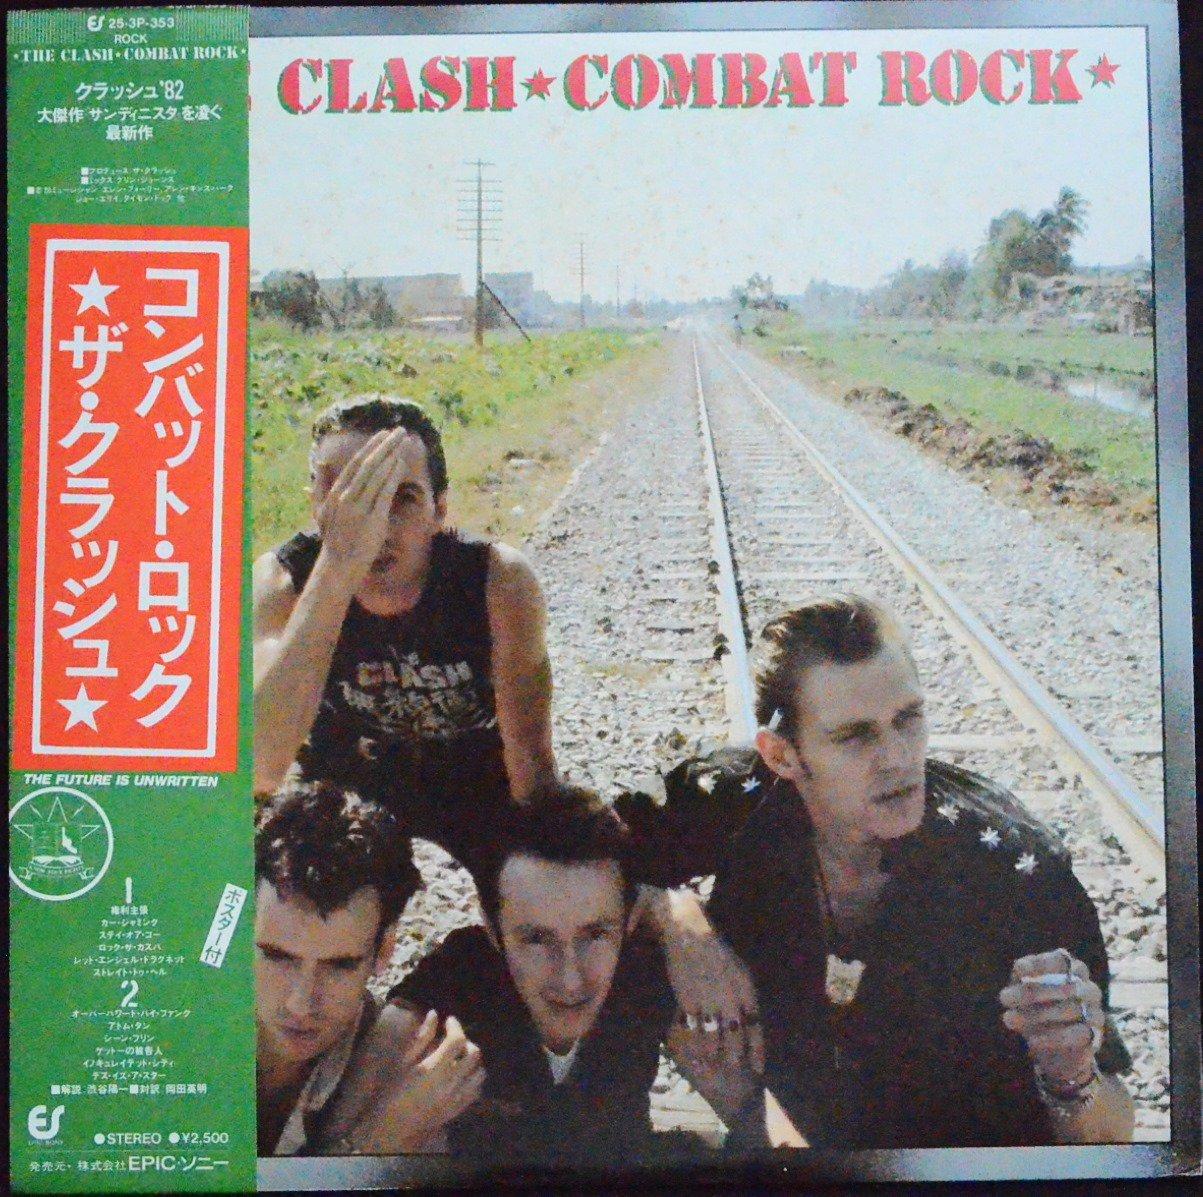 ザ・クラッシュ THE CLASH / コンバット・ロック COMBAT ROCK (LP)